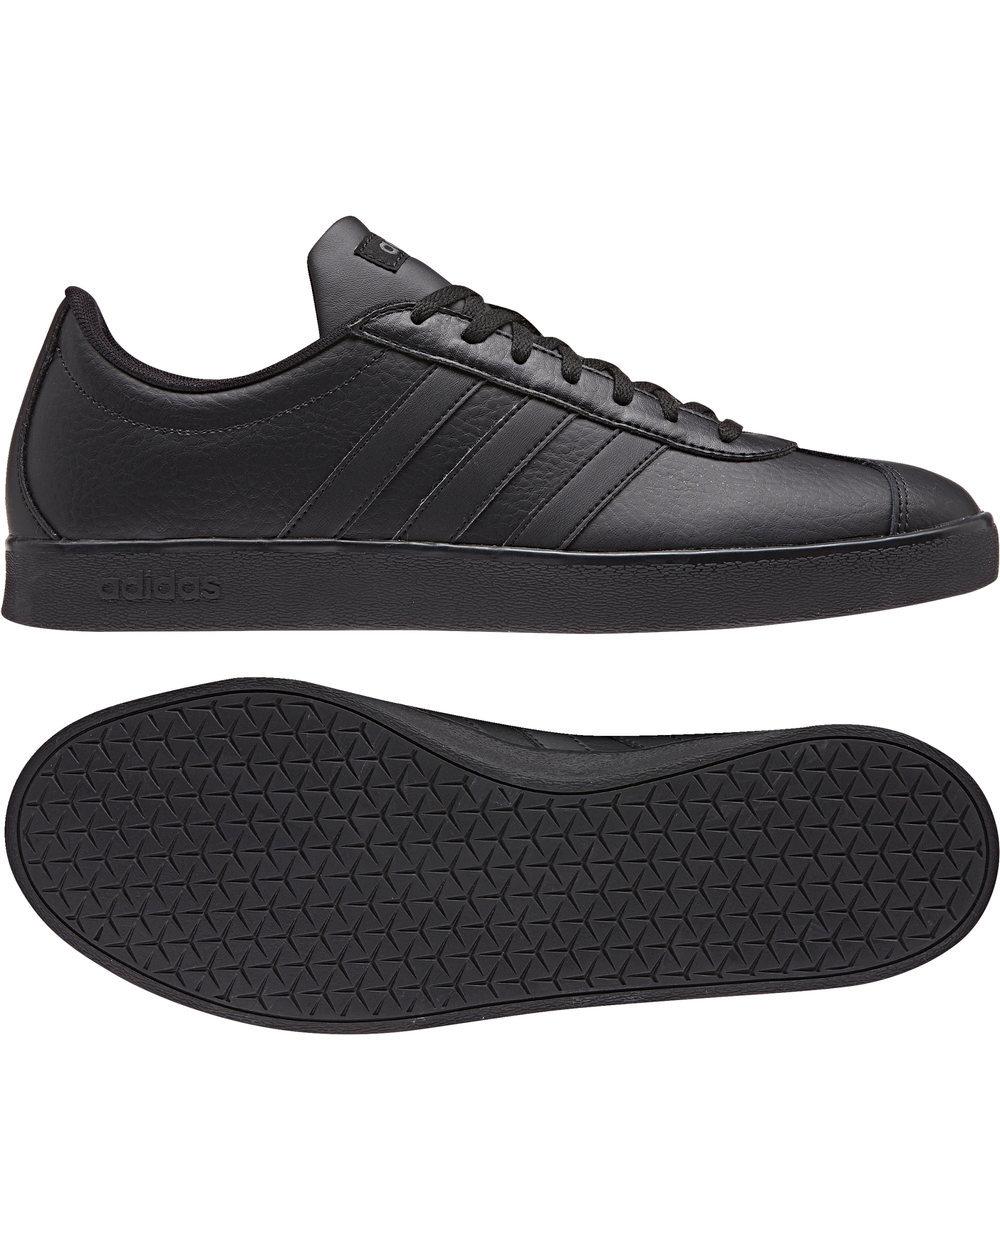 Scarpe da da da ginnastica adidas scarpe sportive nero vi corte 2.0 gazzella stile | Ogni articolo descritto è disponibile  | Gentiluomo/Signora Scarpa  2d4caa